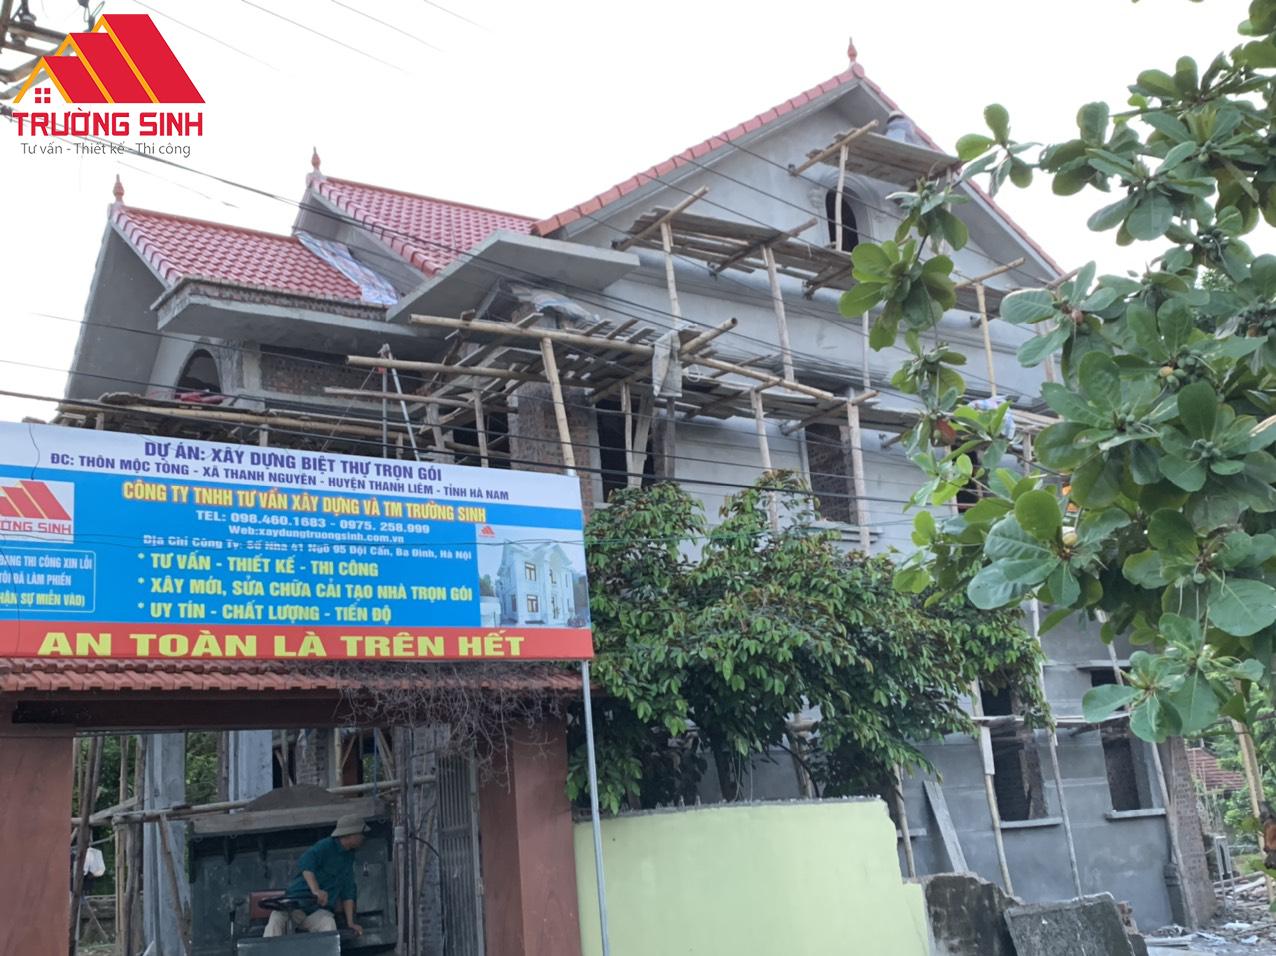 Dịch vụ xây nhà trọn gói tại Hải Phòng - Chuyên nghiệp uy tín nhất